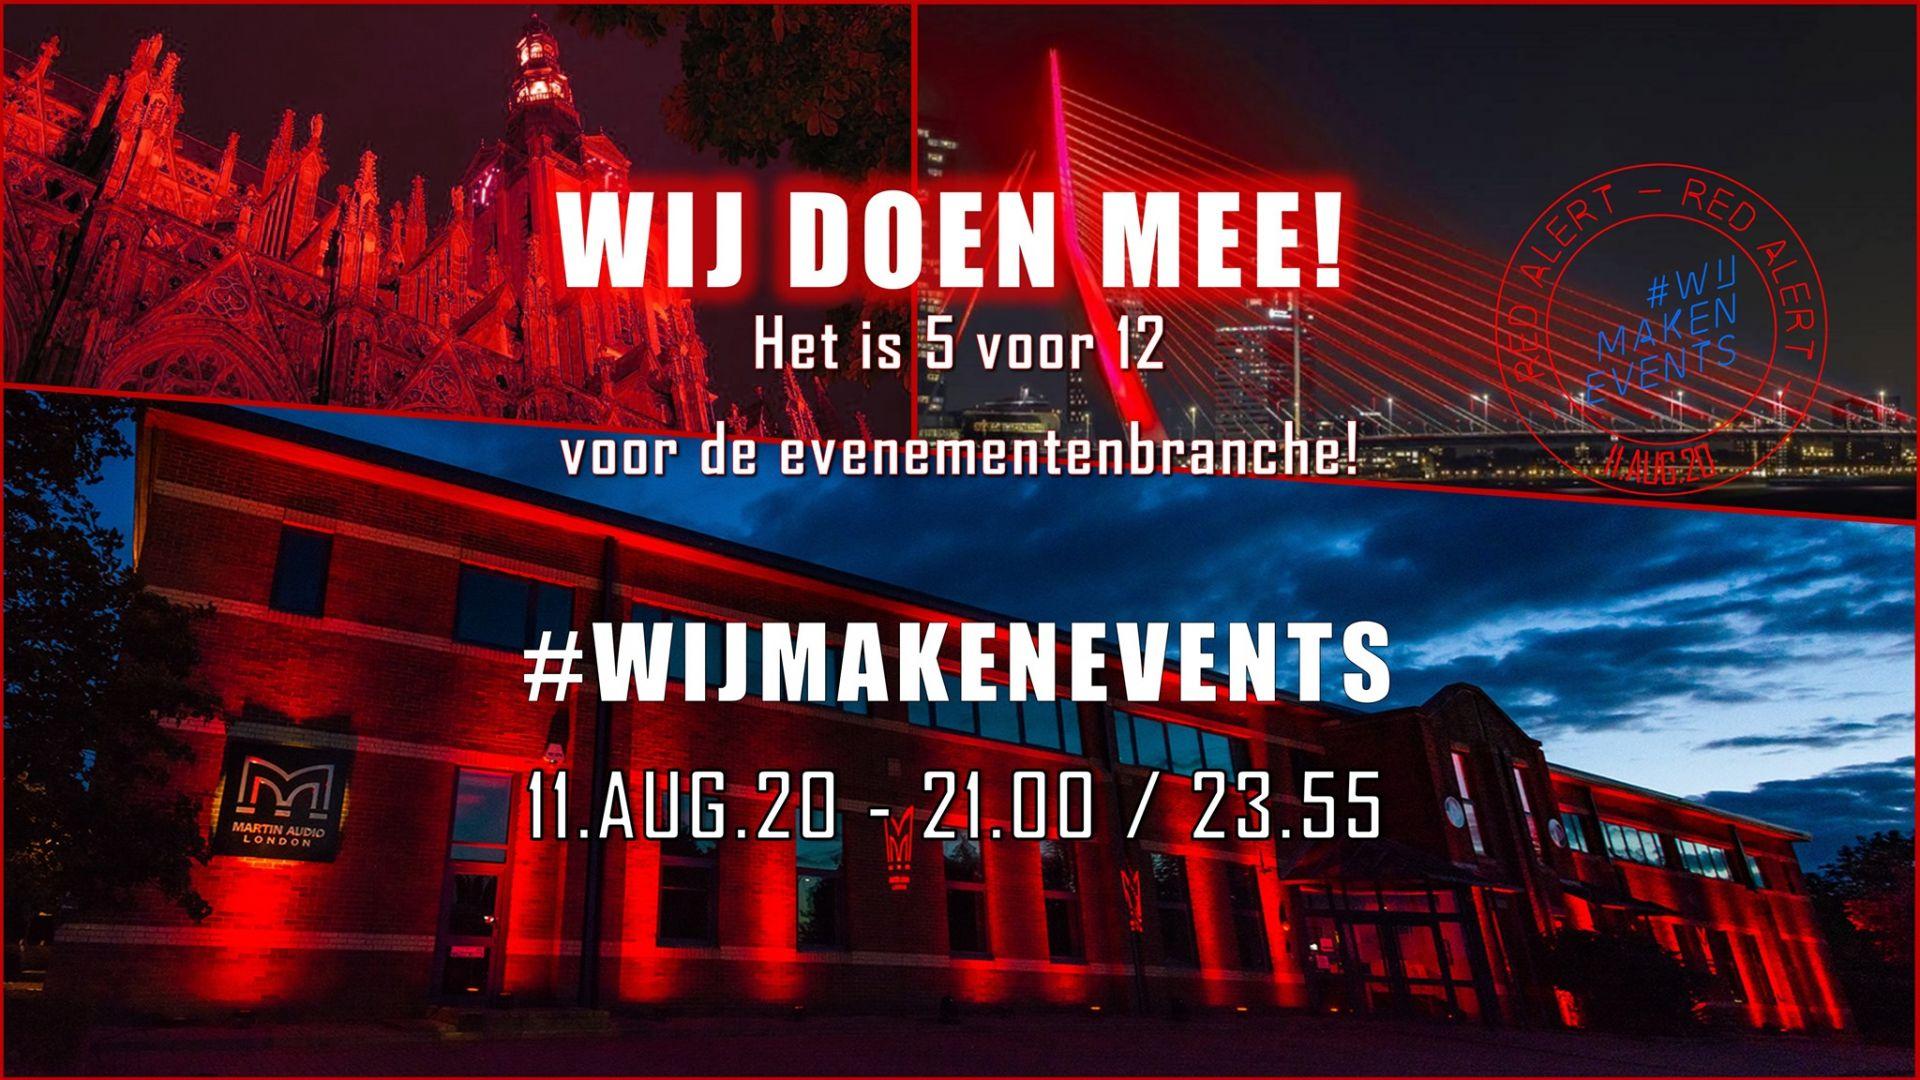 Nederlandse muziek- en evenementenindustrie voert actie